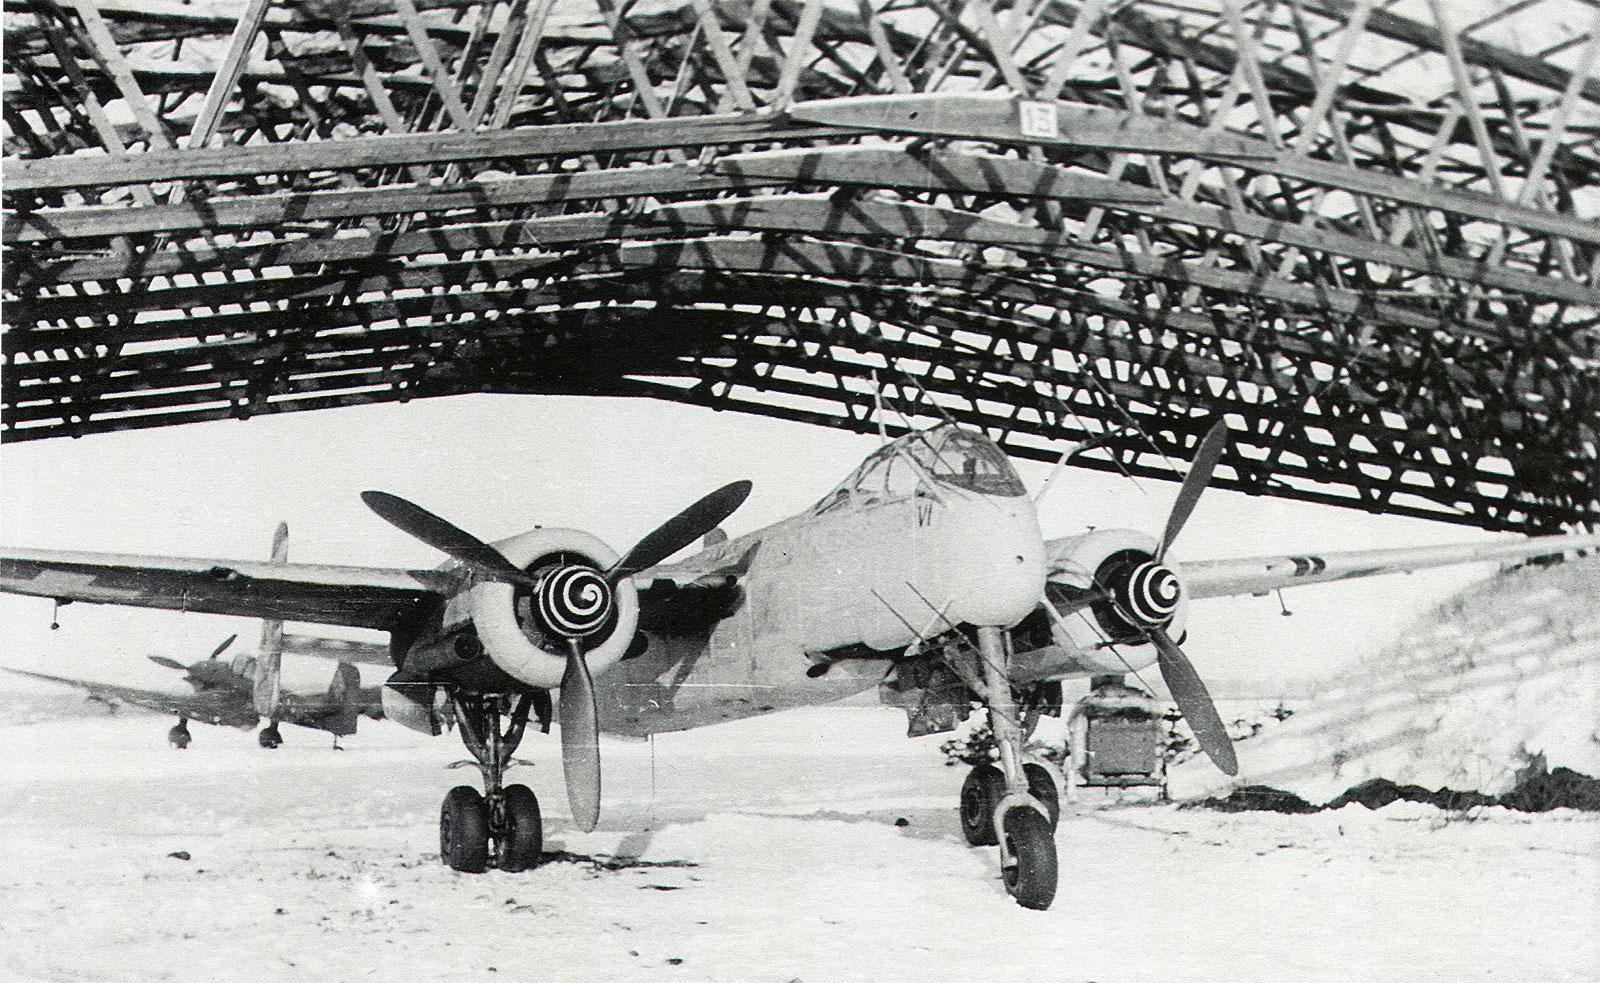 Un He 219 con equipo de radar FuG 220 SN-2 en un desolado hangar del aeródromo de Münster-Handorf en el invierno de 1944/45. Este radar incorporaba, además de las antenas de búsqueda en el morro, otras más pequeñas de advertencia en el cono de cola (fuente: www.asisbiz.com)